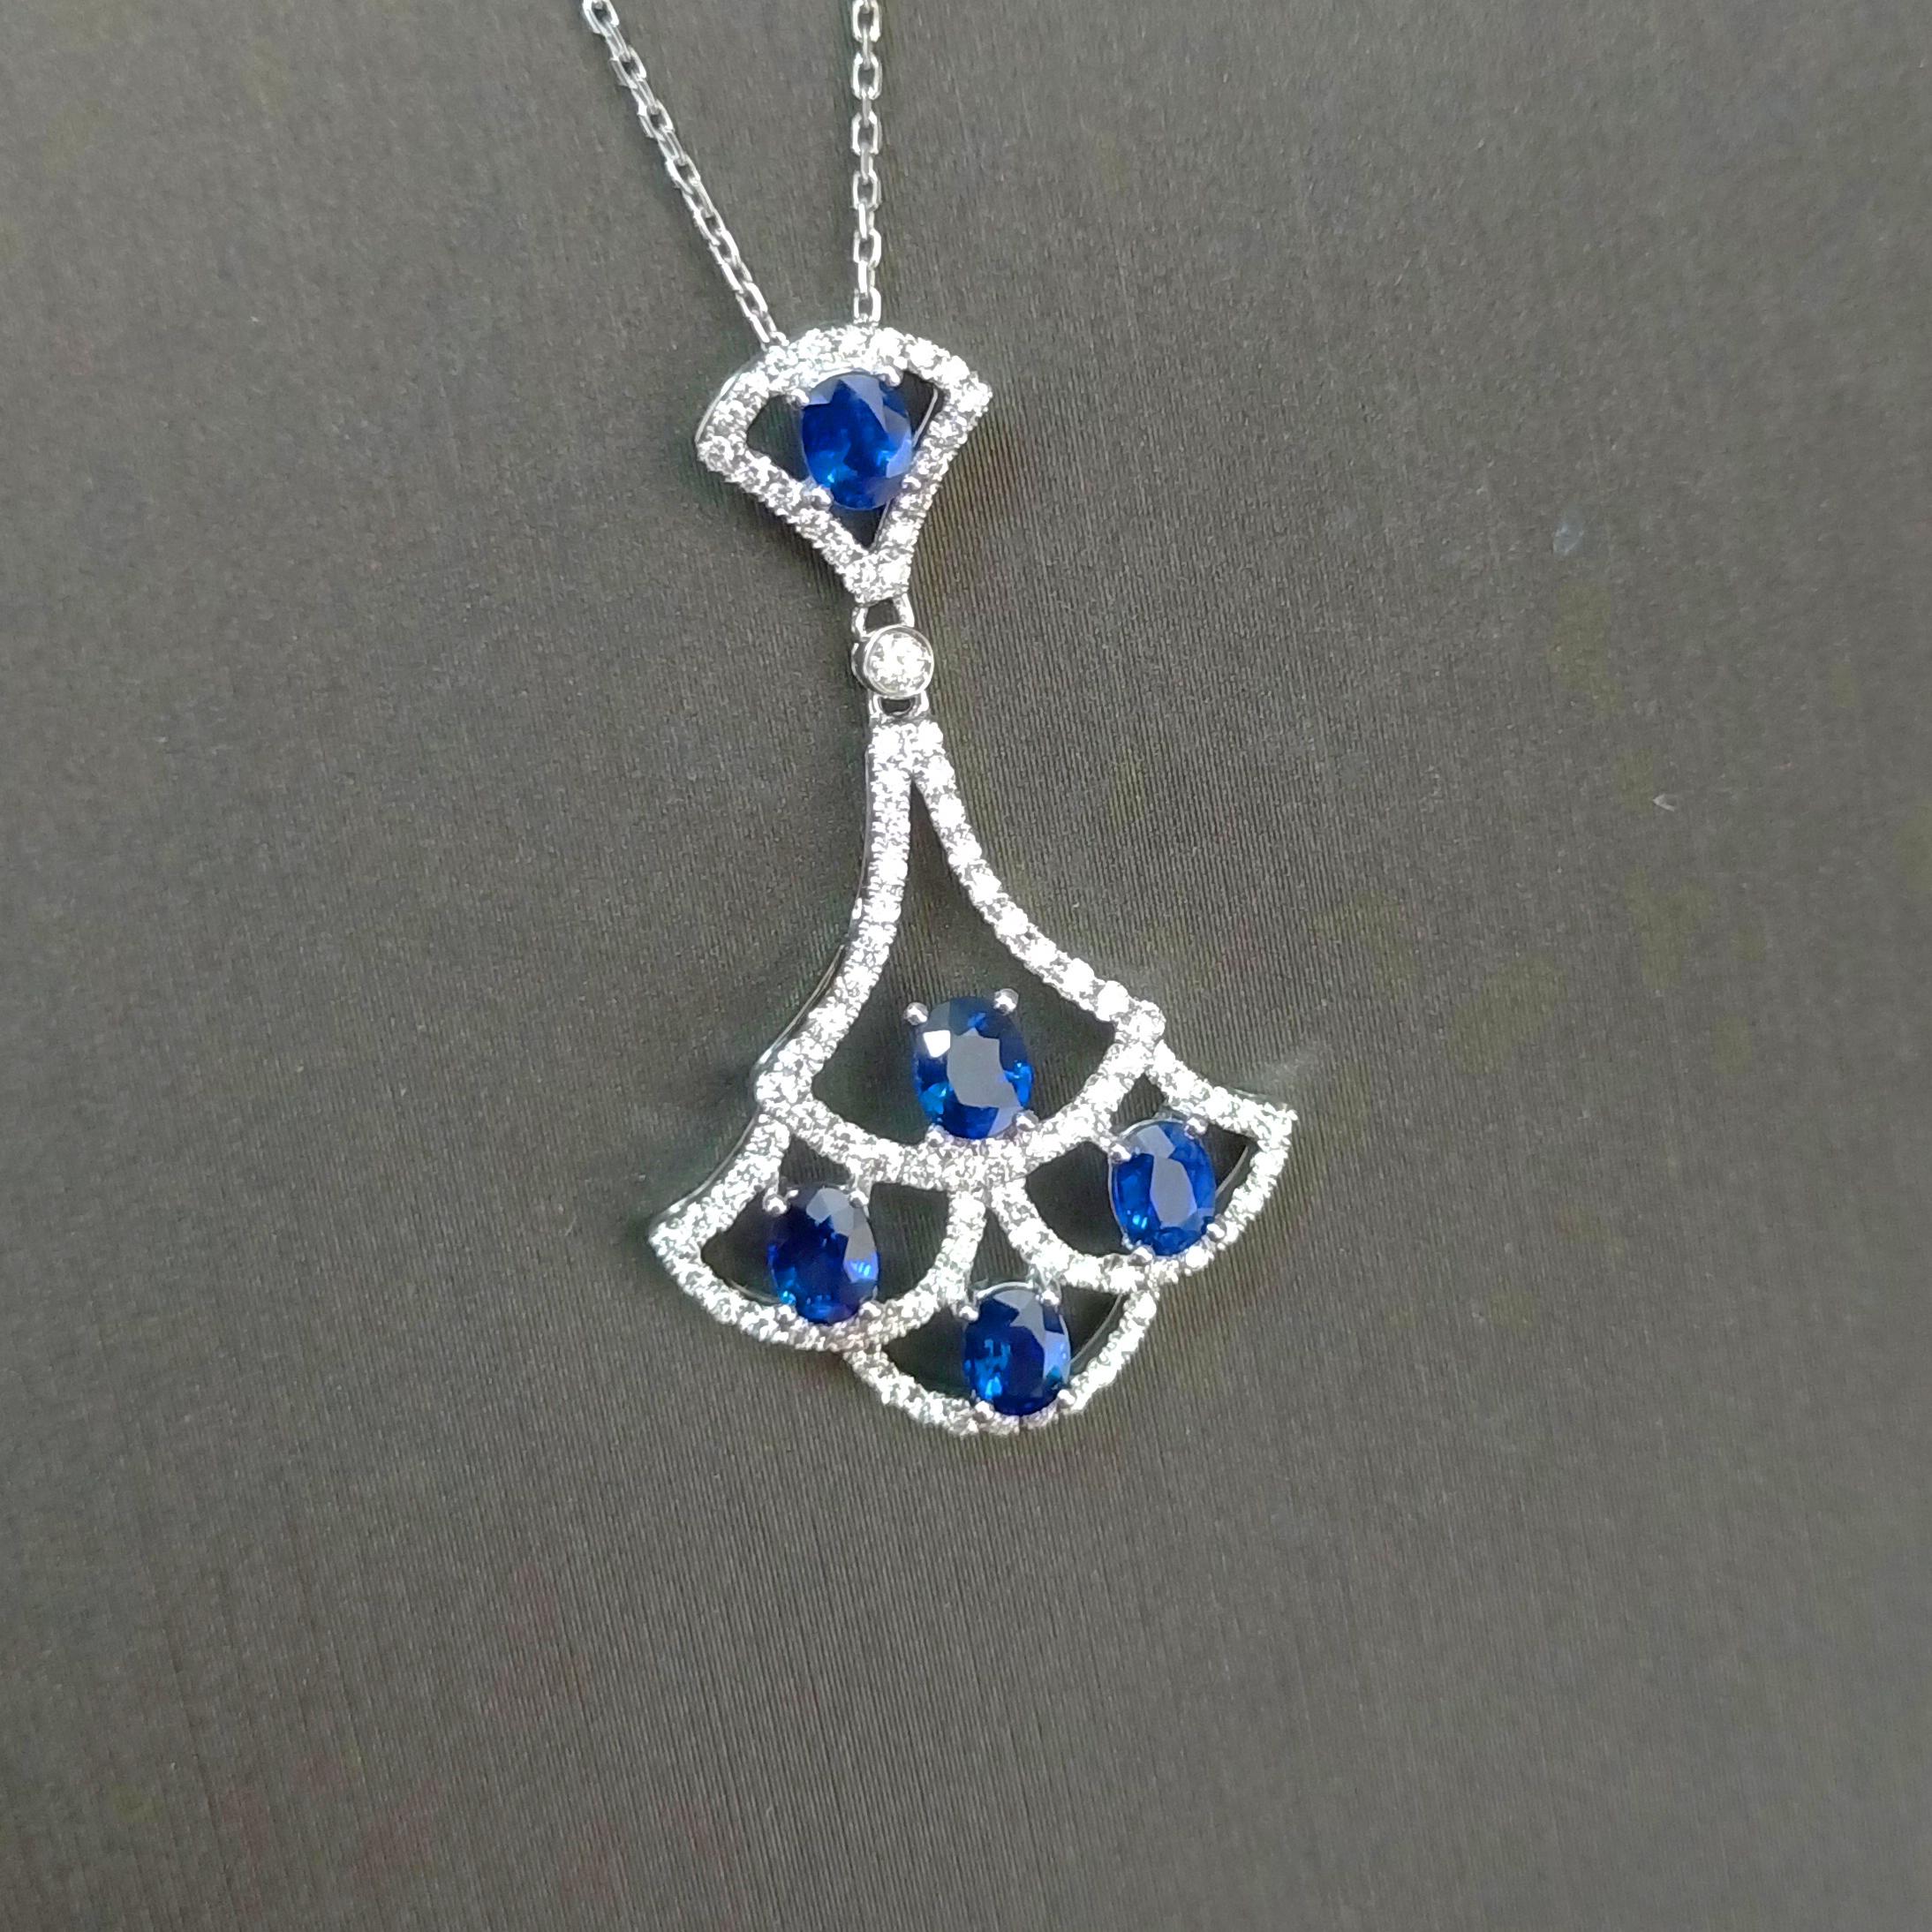 【吊坠】18K金+蓝宝石+钻石 宝石颜色纯正 主石:1.01ct/5P 货重:2.50g